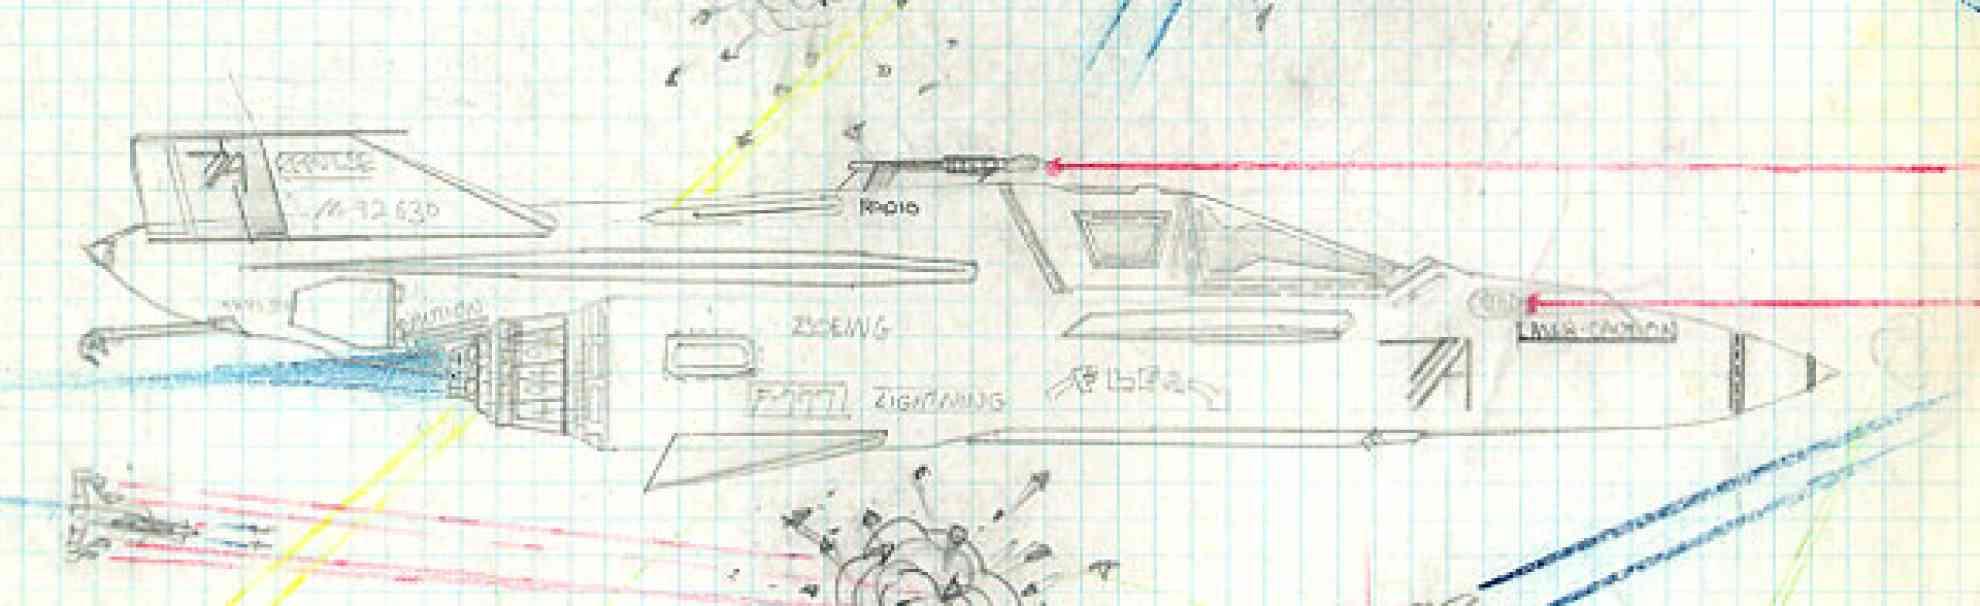 Spaceship,circa1981